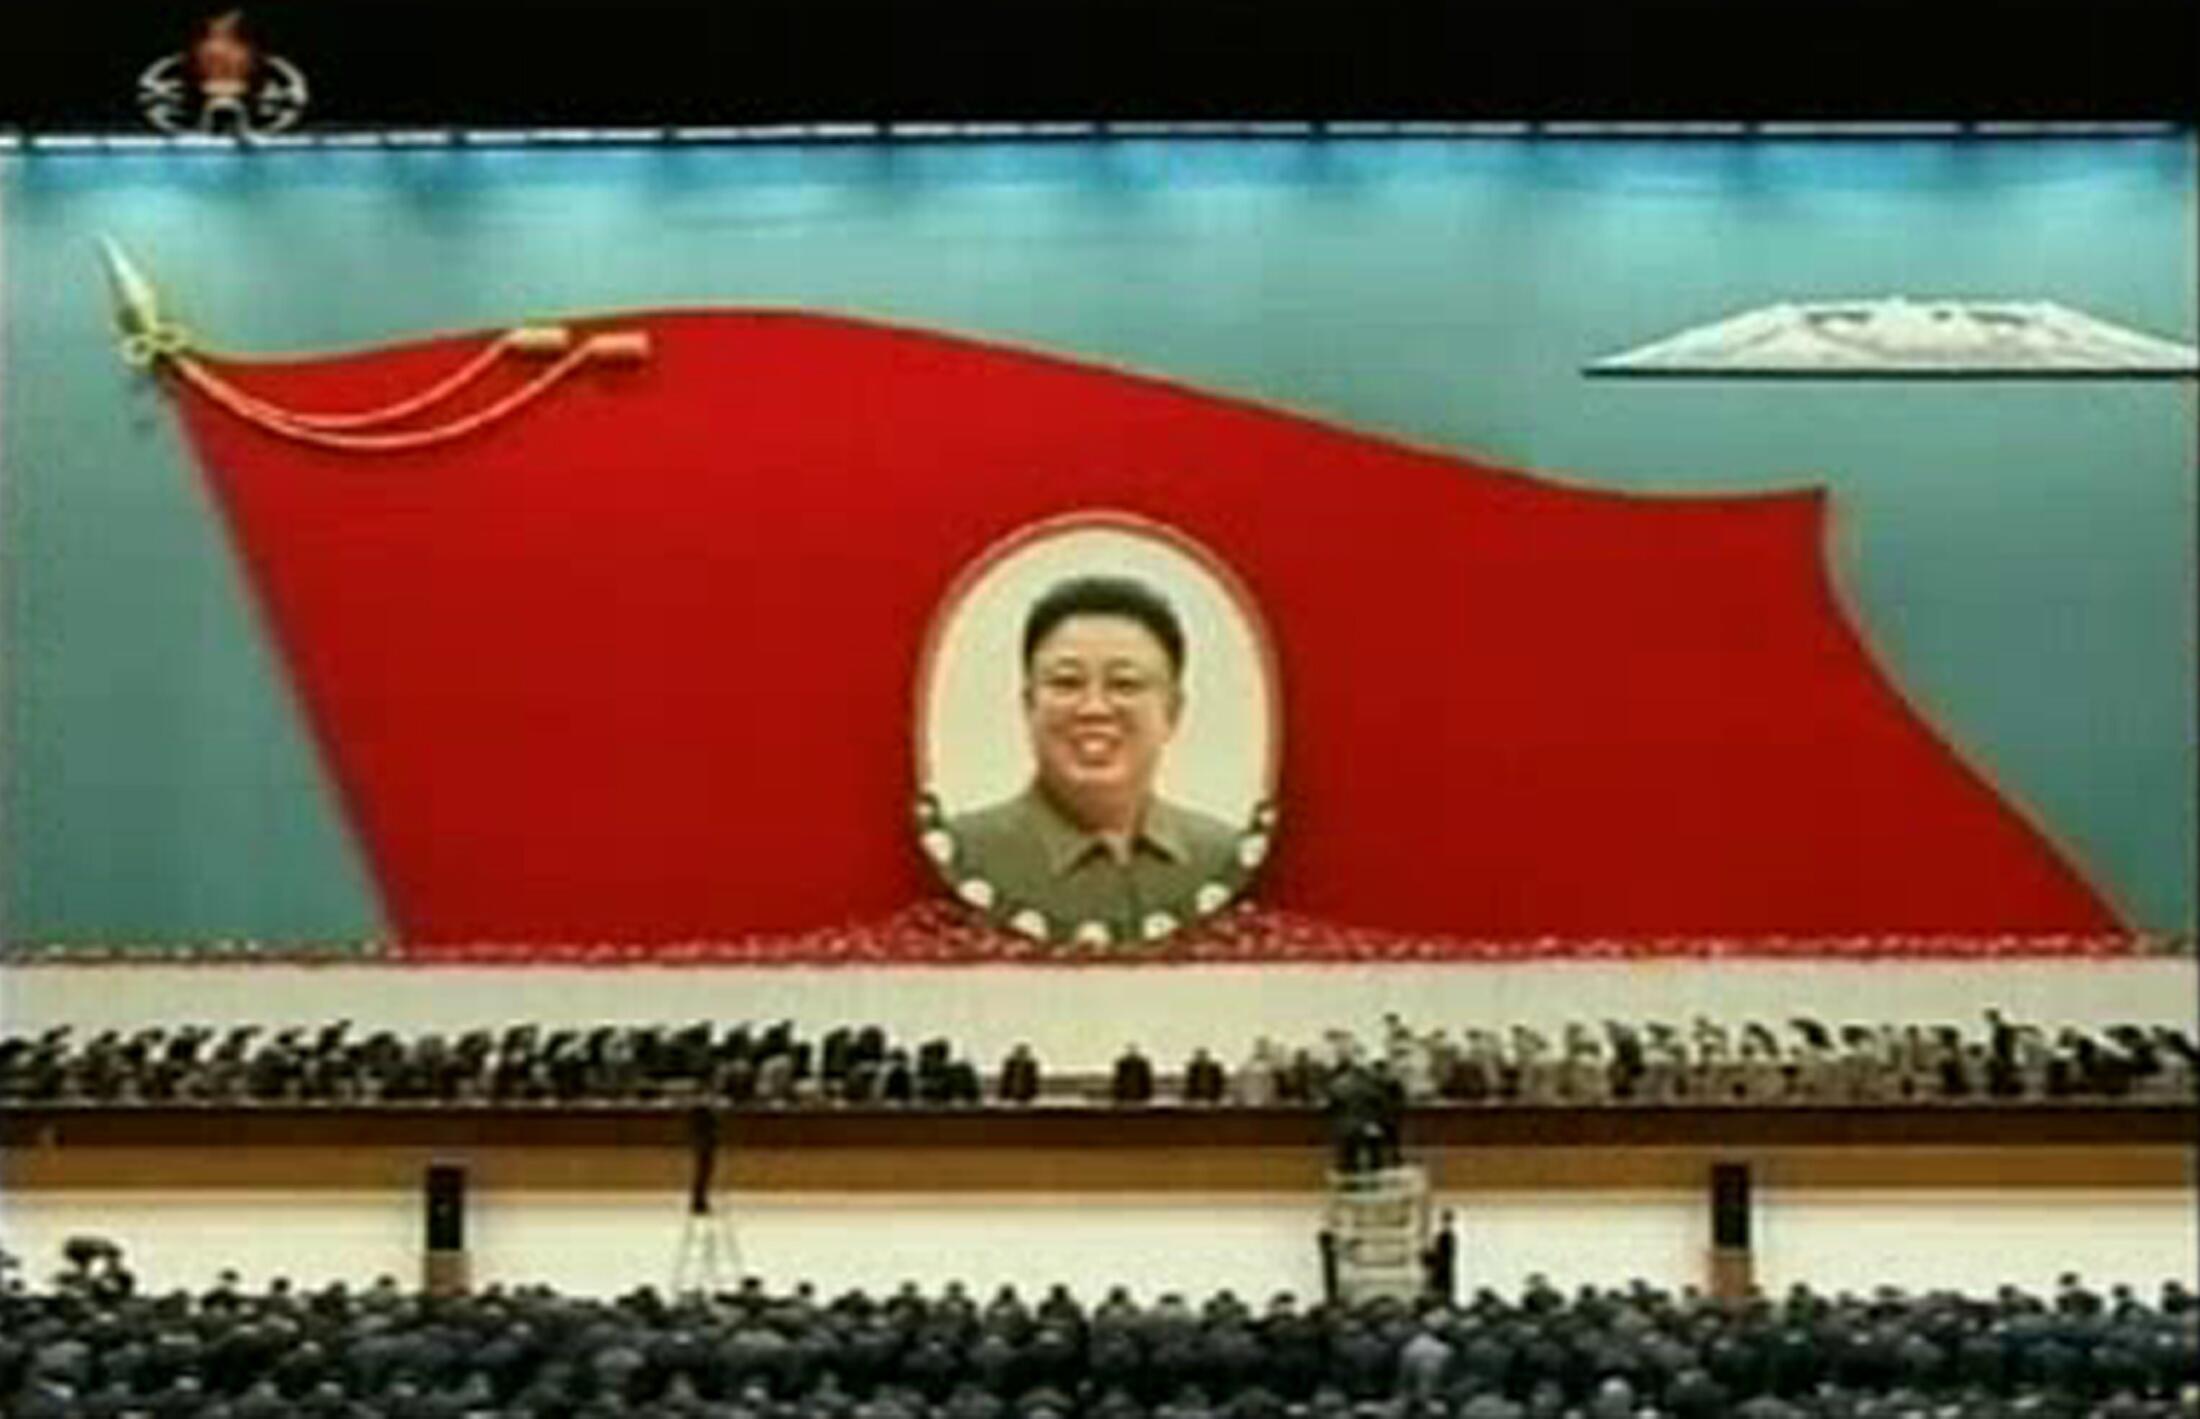 Phút mặc niệm trước chân dung cố lãnh tụ Kim Jong Il tại Bình Nhưỡng ngày 16/12/2012.